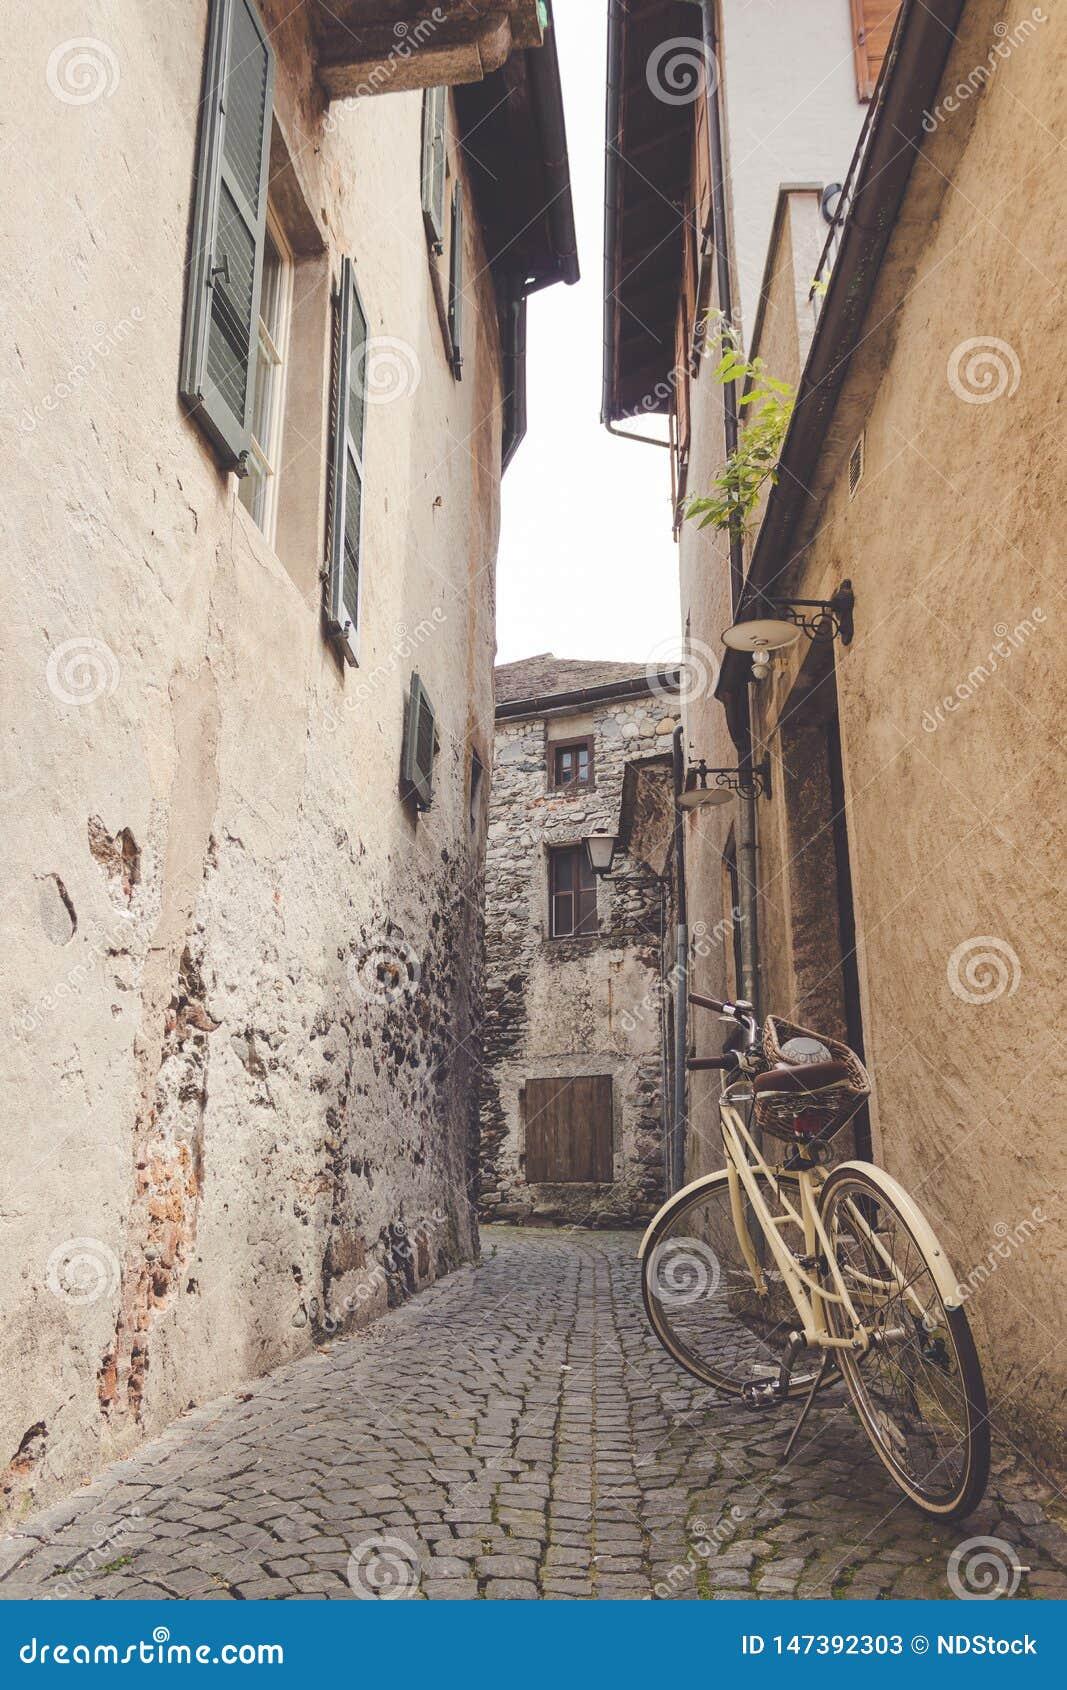 Fahrrad geparkt in einer schmalen Gasse